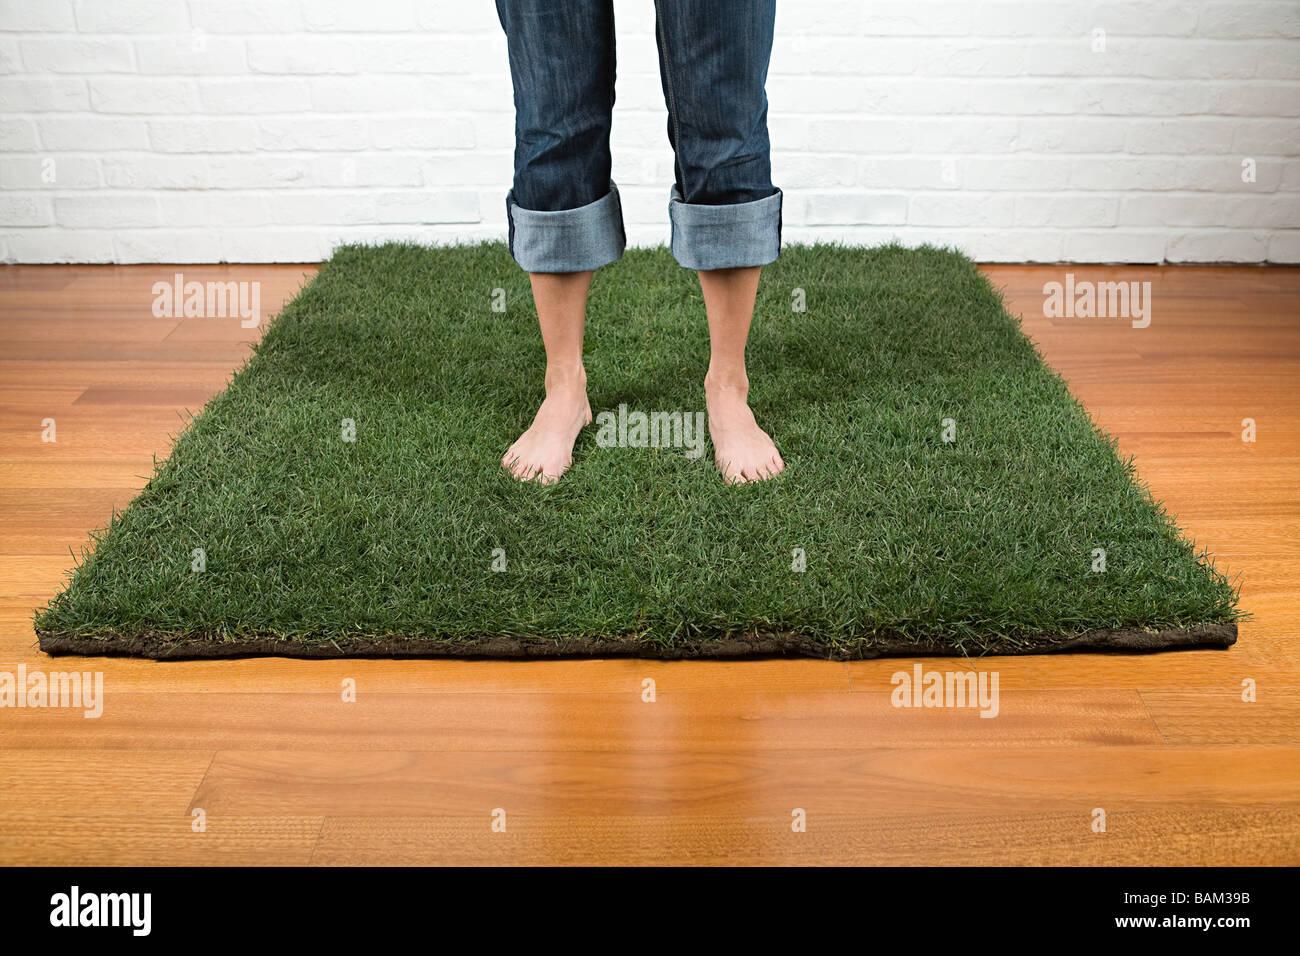 Una donna in piedi sull'erba Immagini Stock